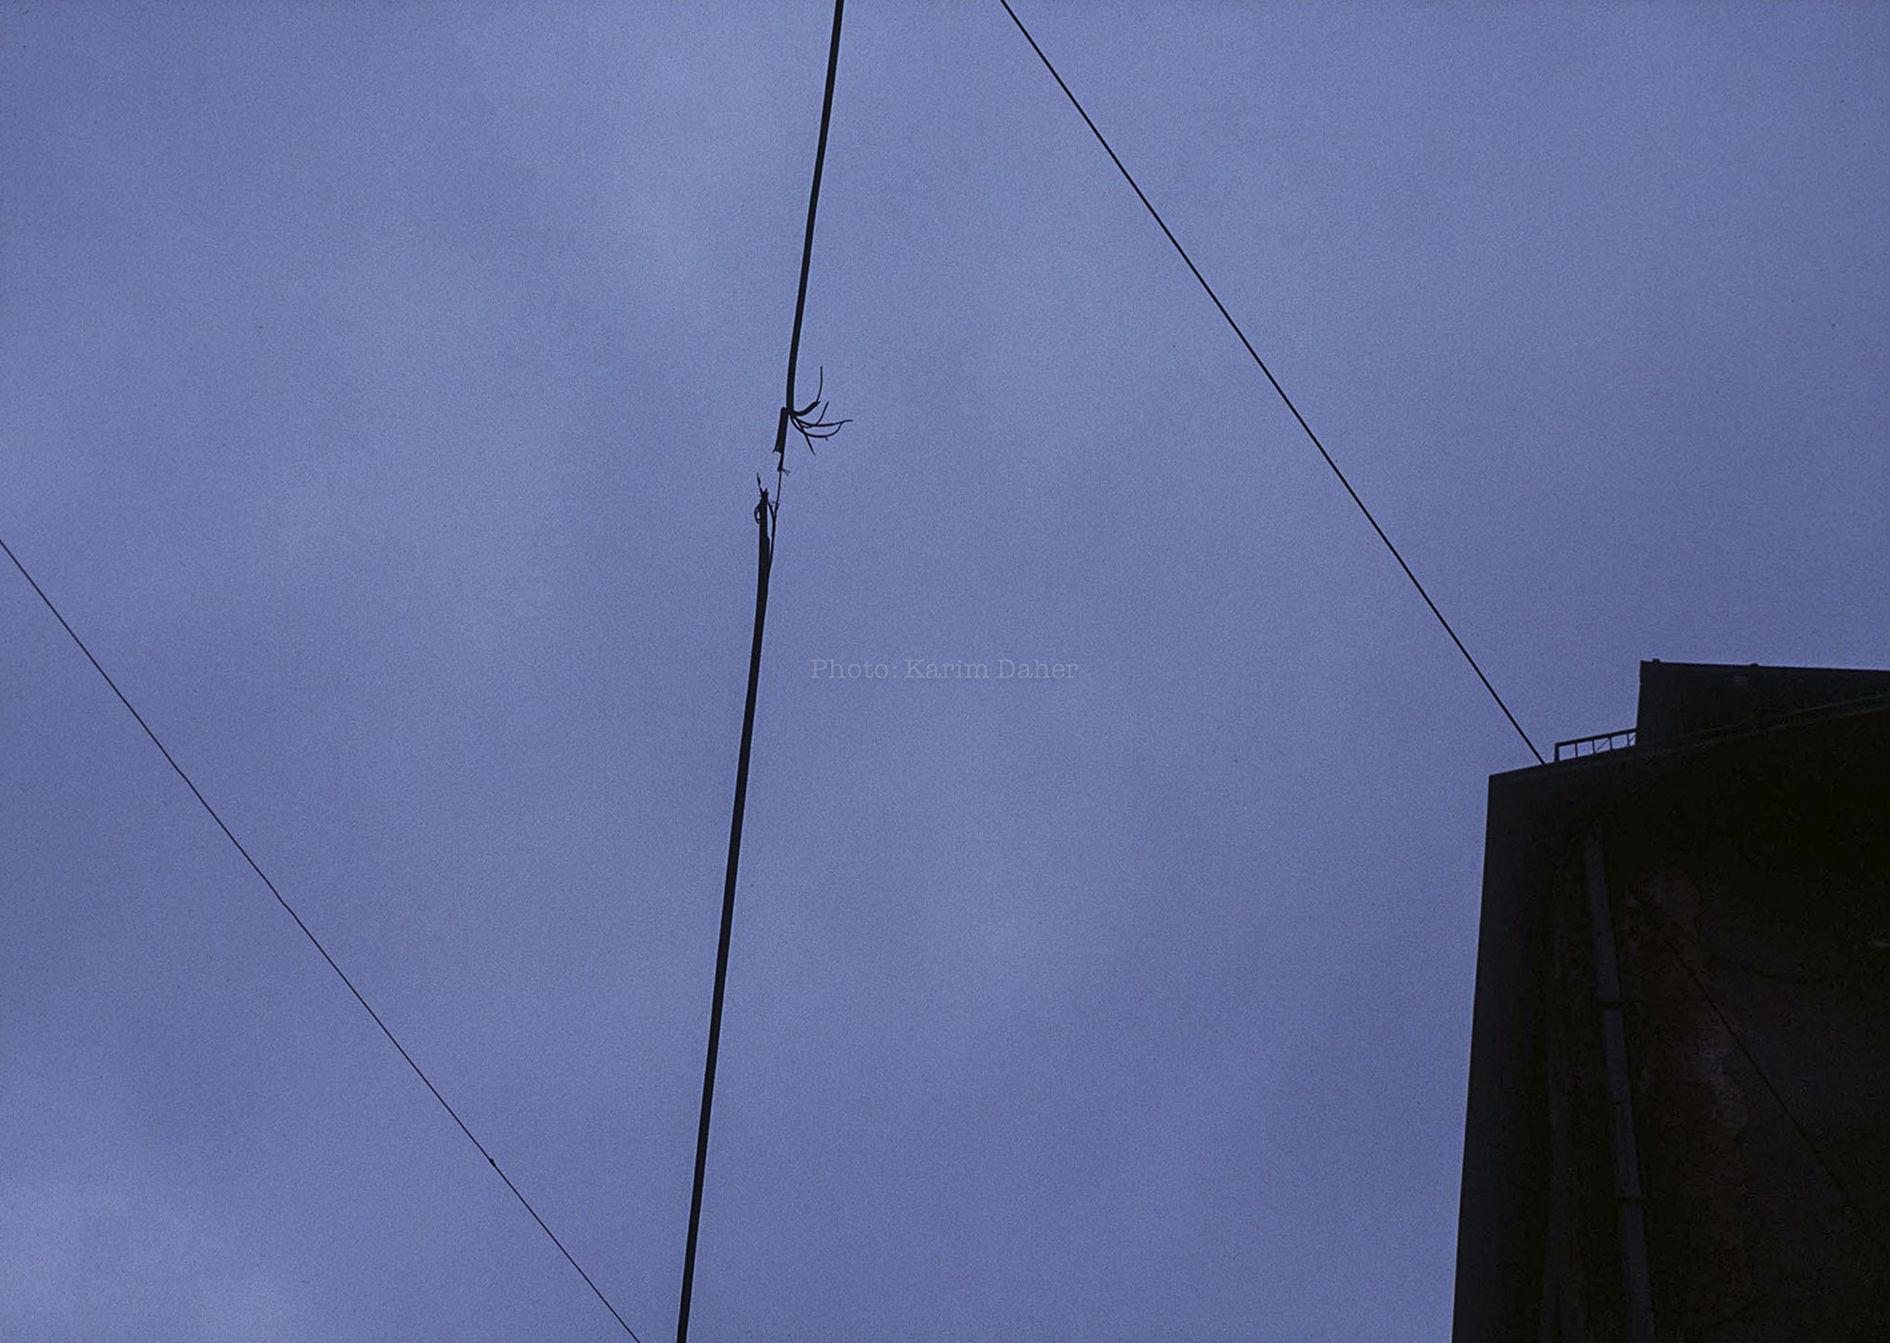 Bosnie, Bihac, été 1995. Un câble endommagé par un éclat d'obus.